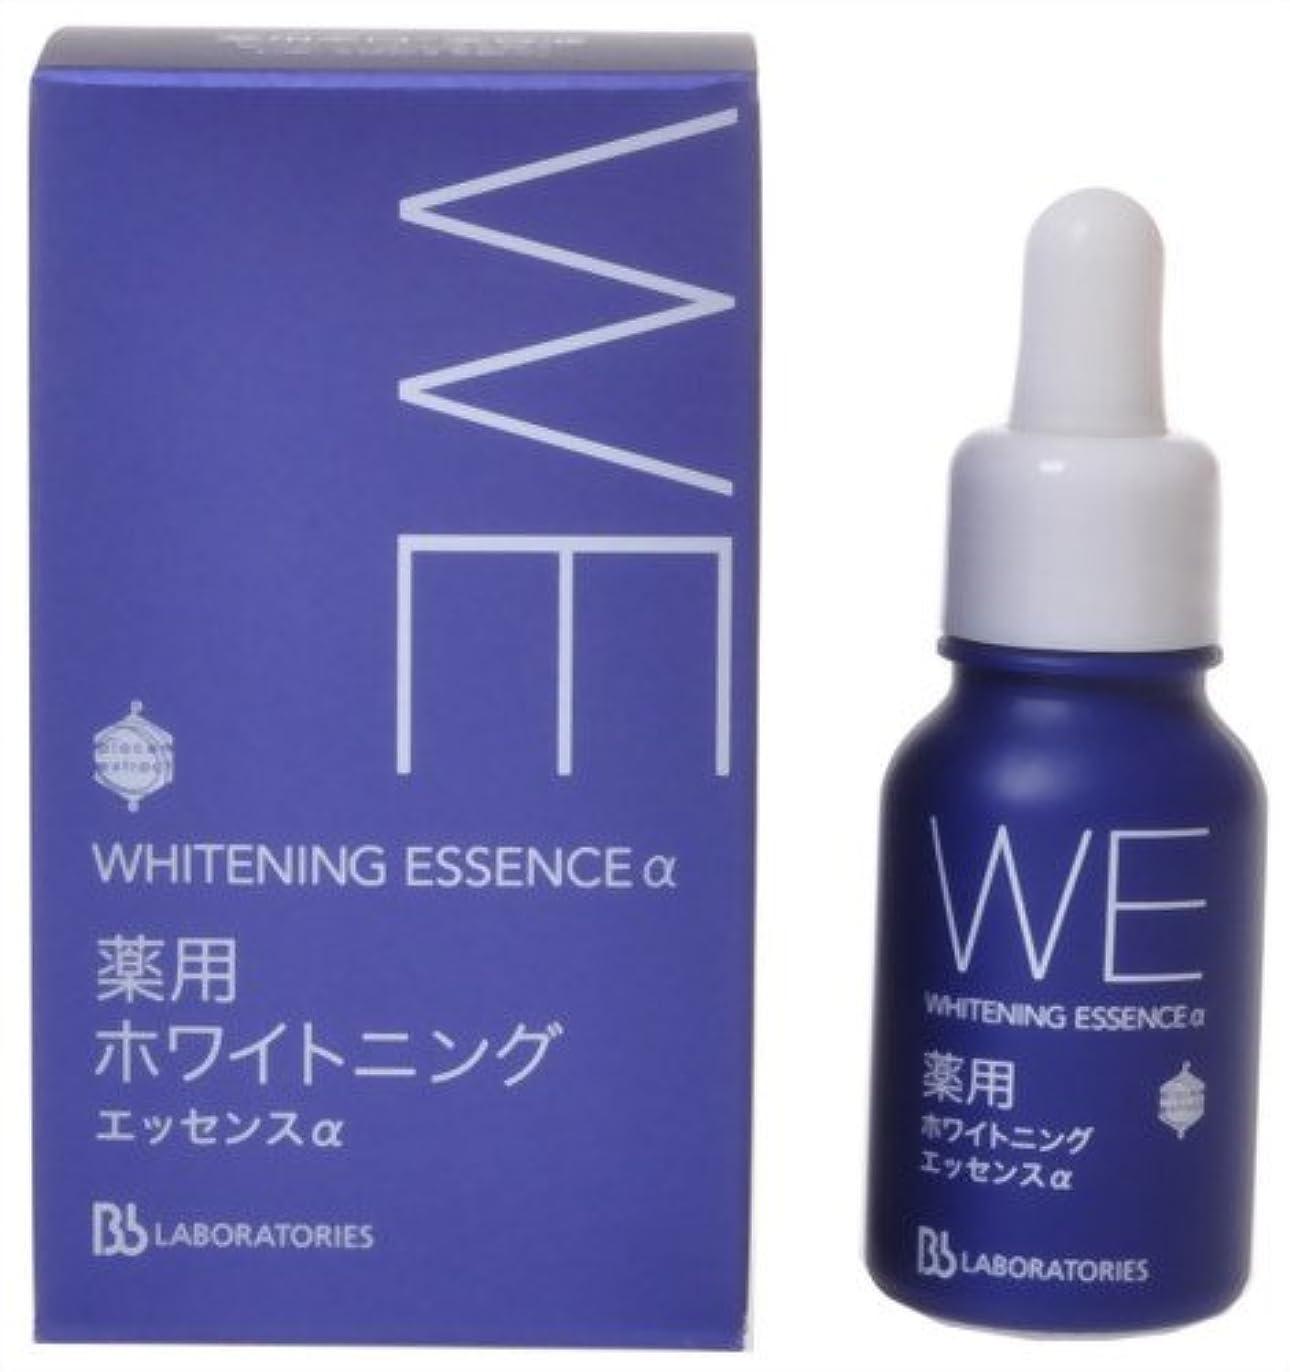 株式会社美容師敏感な薬用ホワイトニングエッセンスα 9ml